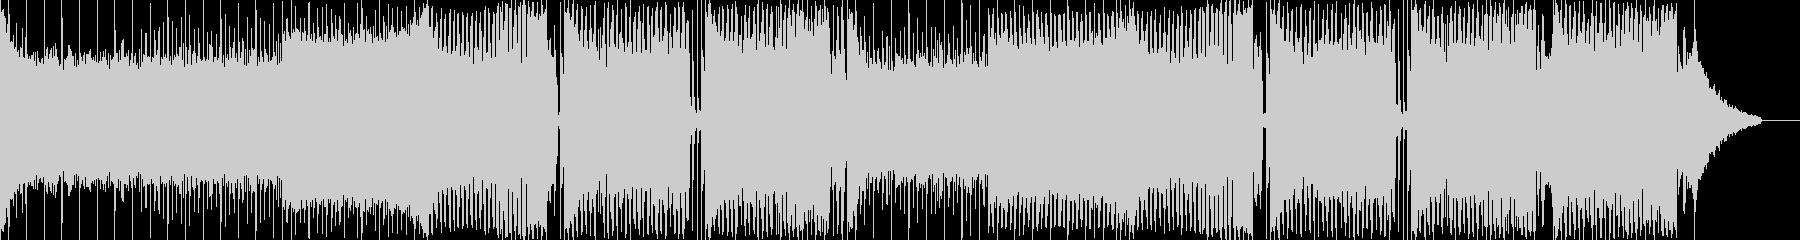 EDM定番の売れ線ハウス系&派手でクールの未再生の波形